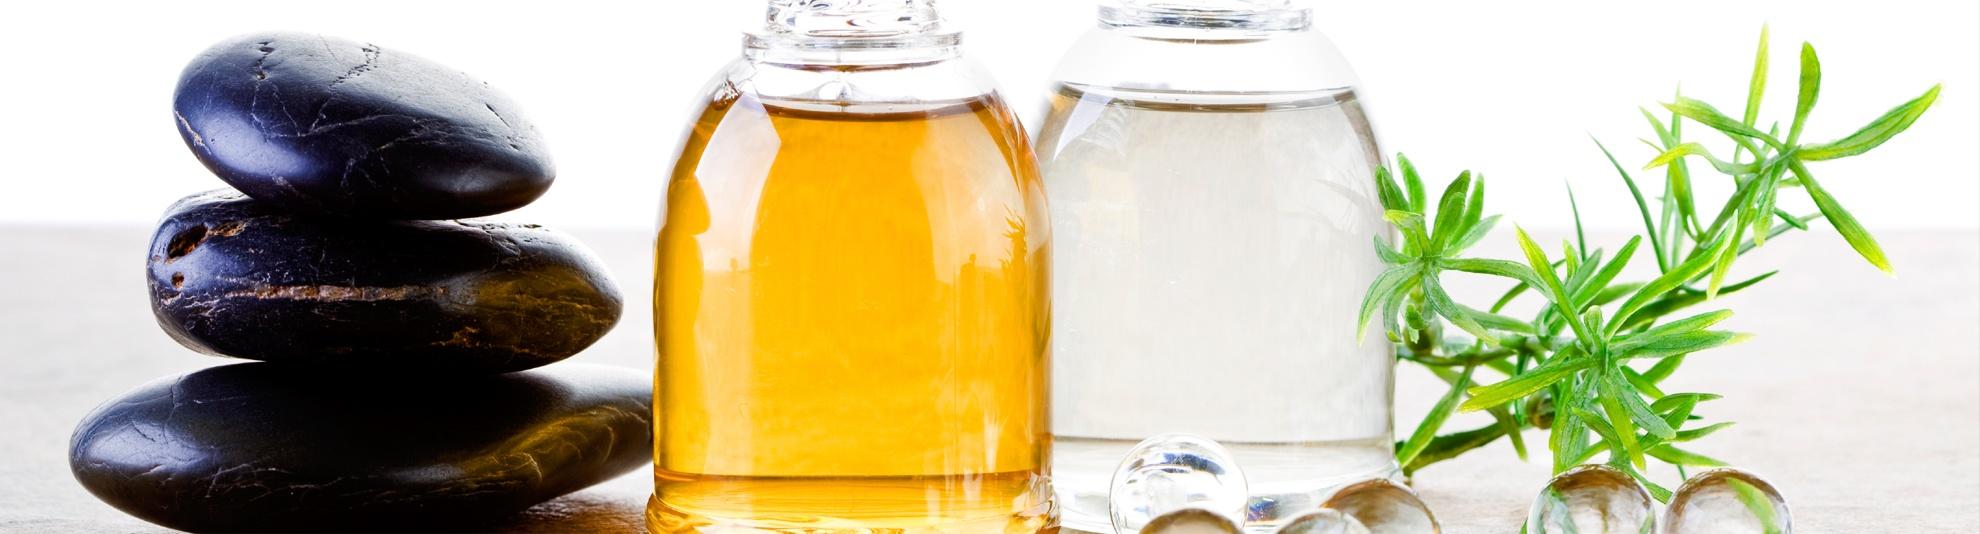 liquid skincare products